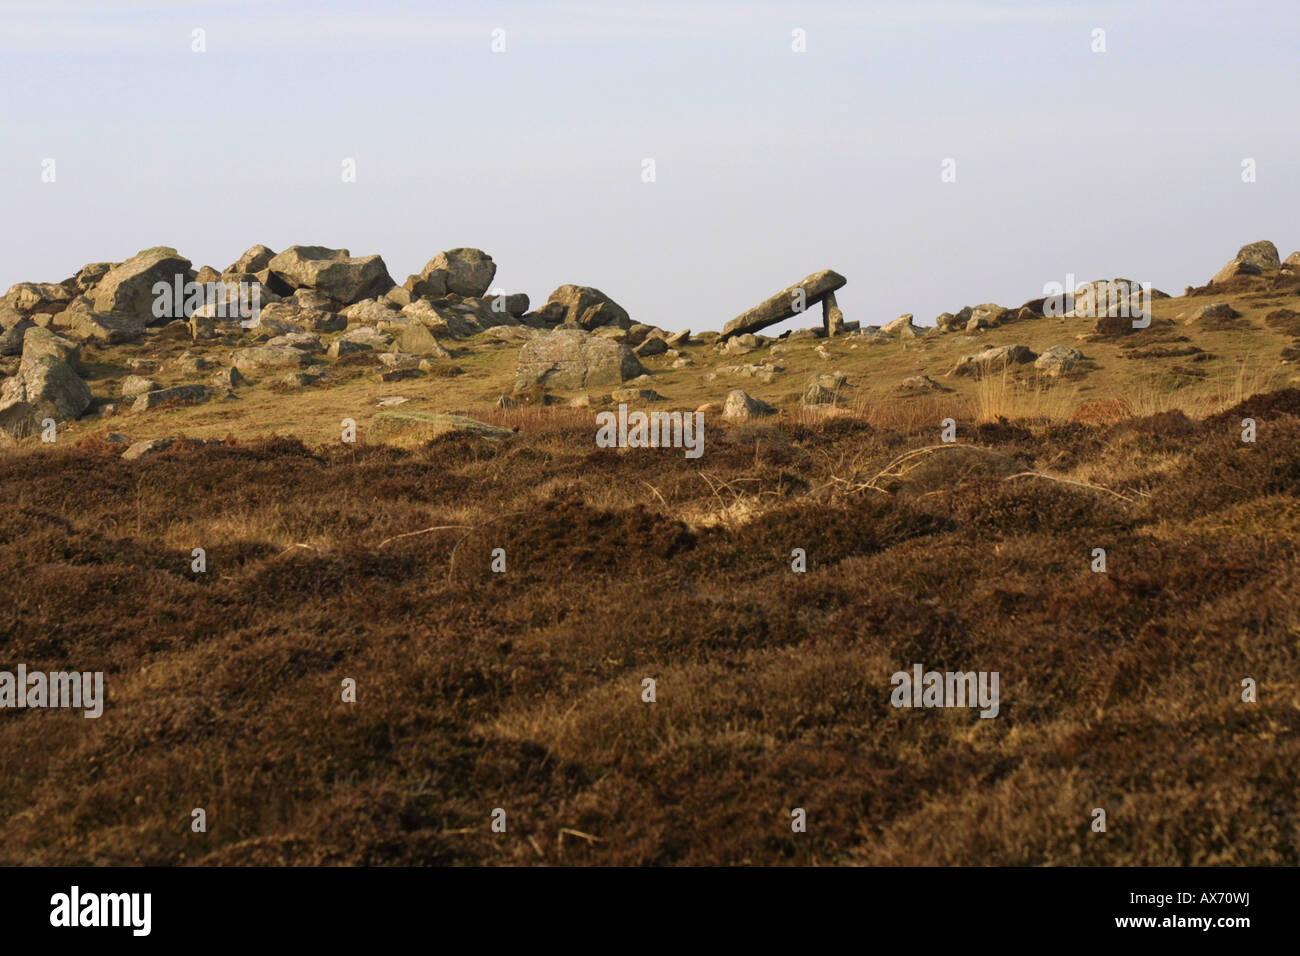 Coetan Arthur dolmen, antigua cámara mortuoria, piedras prehistóricas en St David's head, el Parque Nacional de Pembrokeshire, Gales. Foto de stock